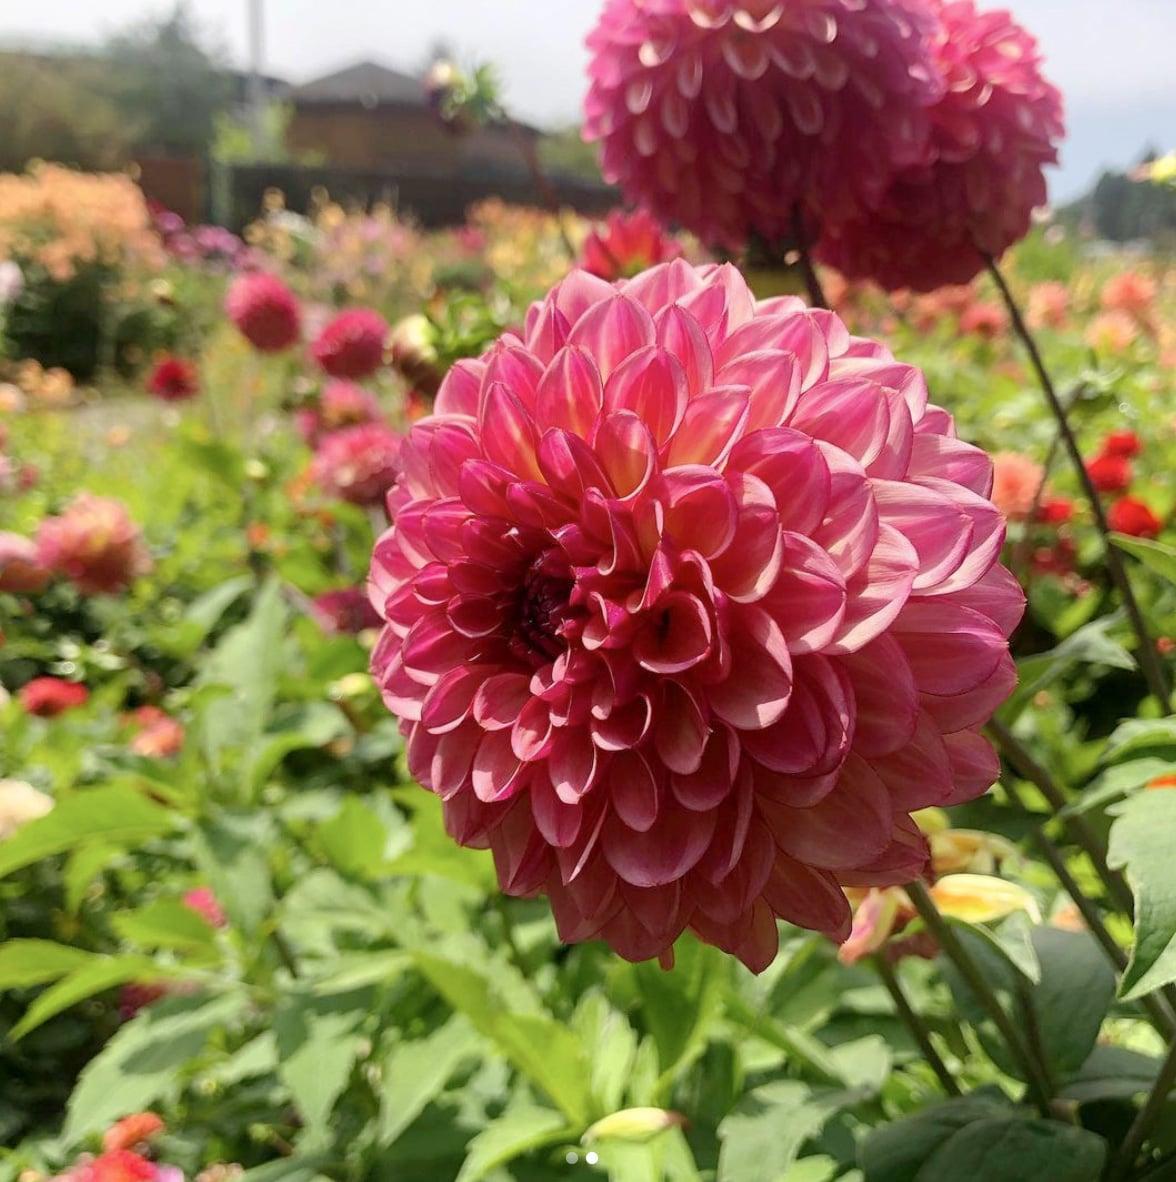 Dahlia Flower Botanical